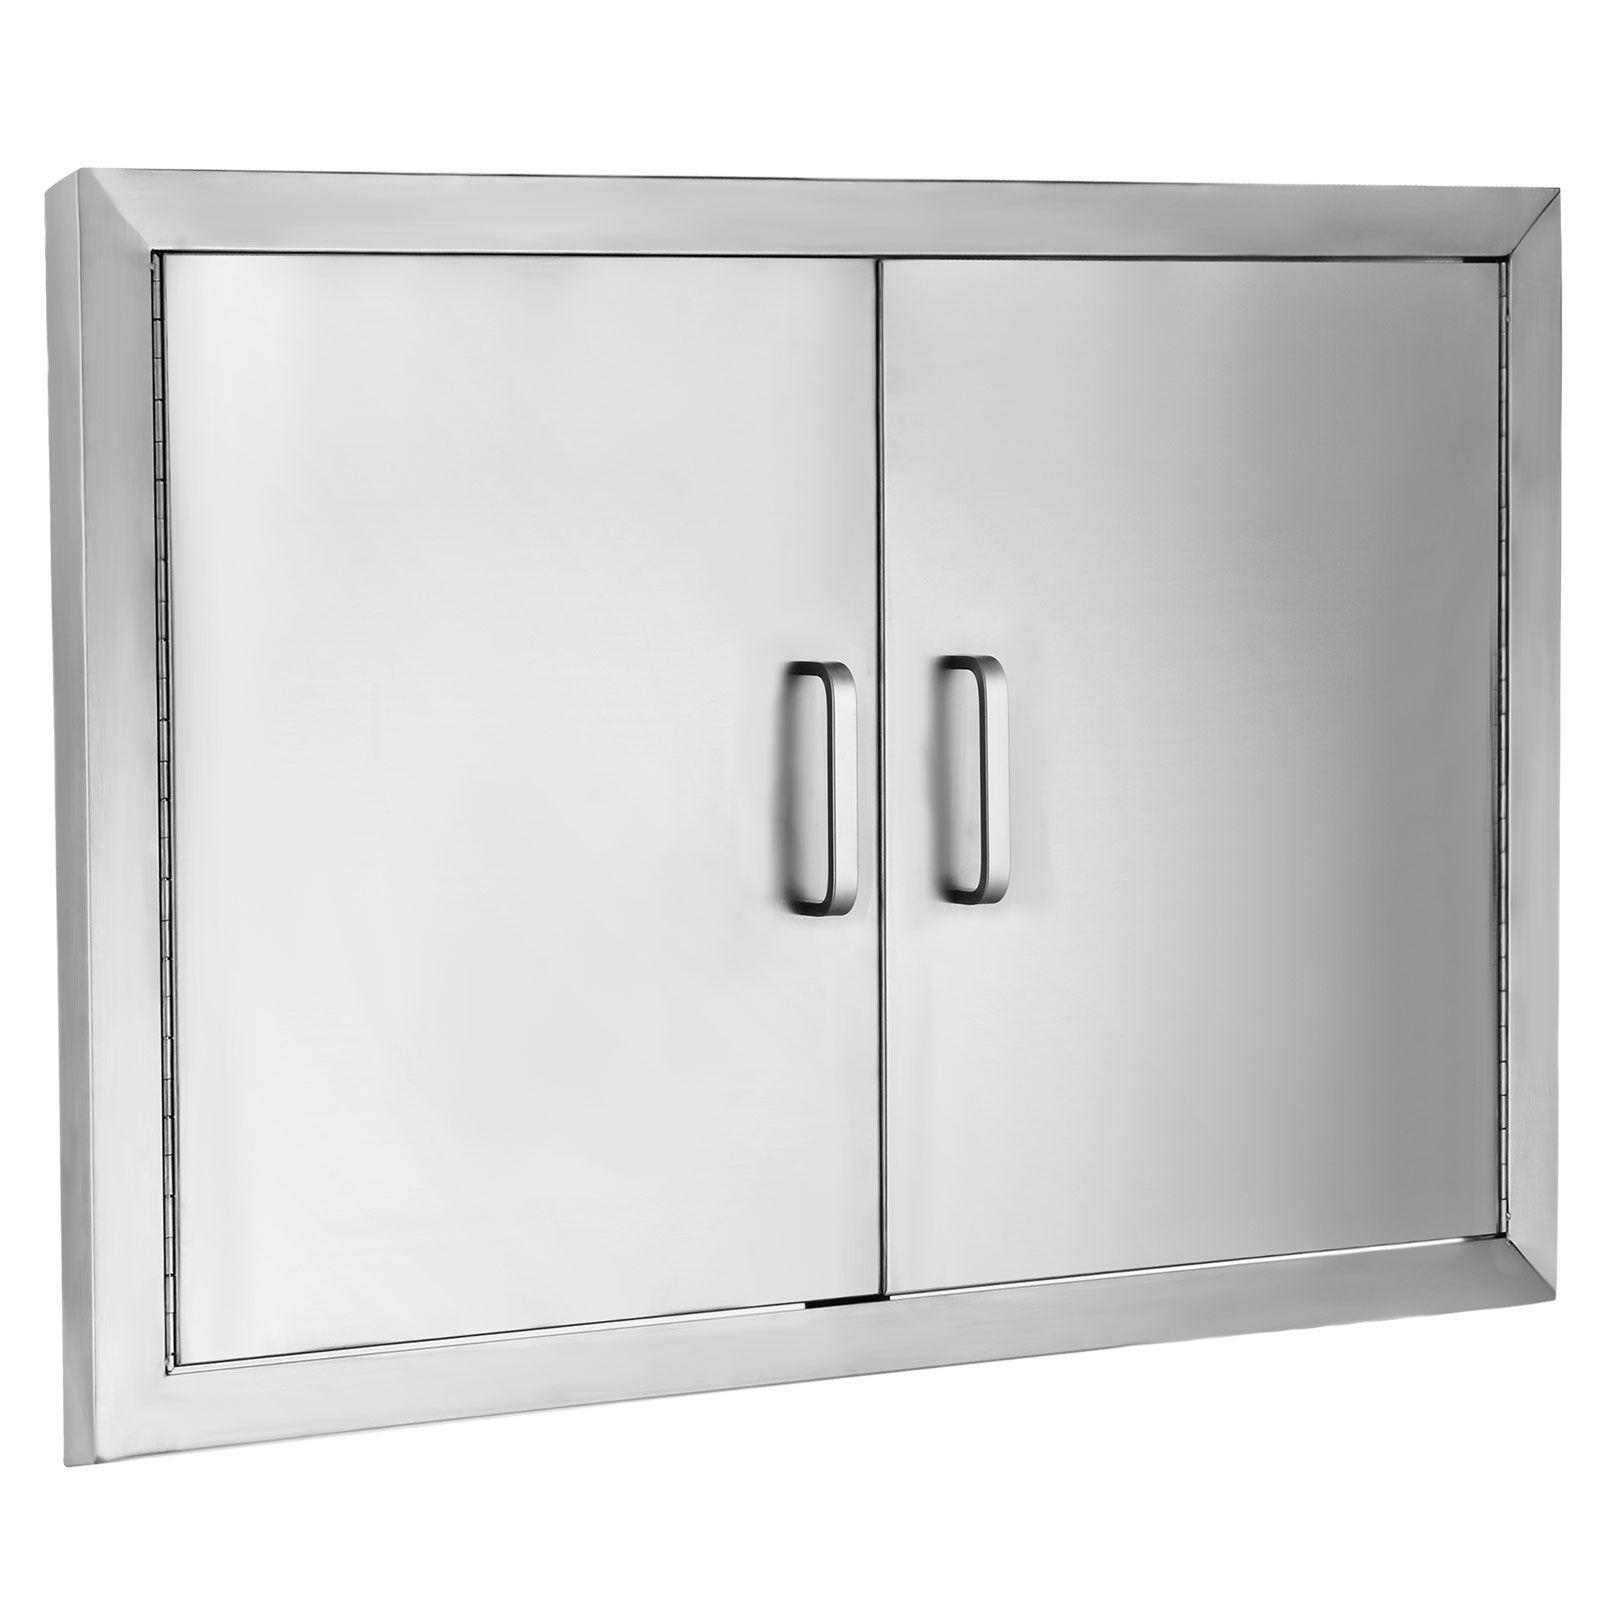 Vevor Bbq Door 304 Commercial Grade Stainless Steel Doors 31 X24 Double Access Door Vertical Rust Re Stainless Steel Doors Outdoor Kitchen Stainless Steel Bbq